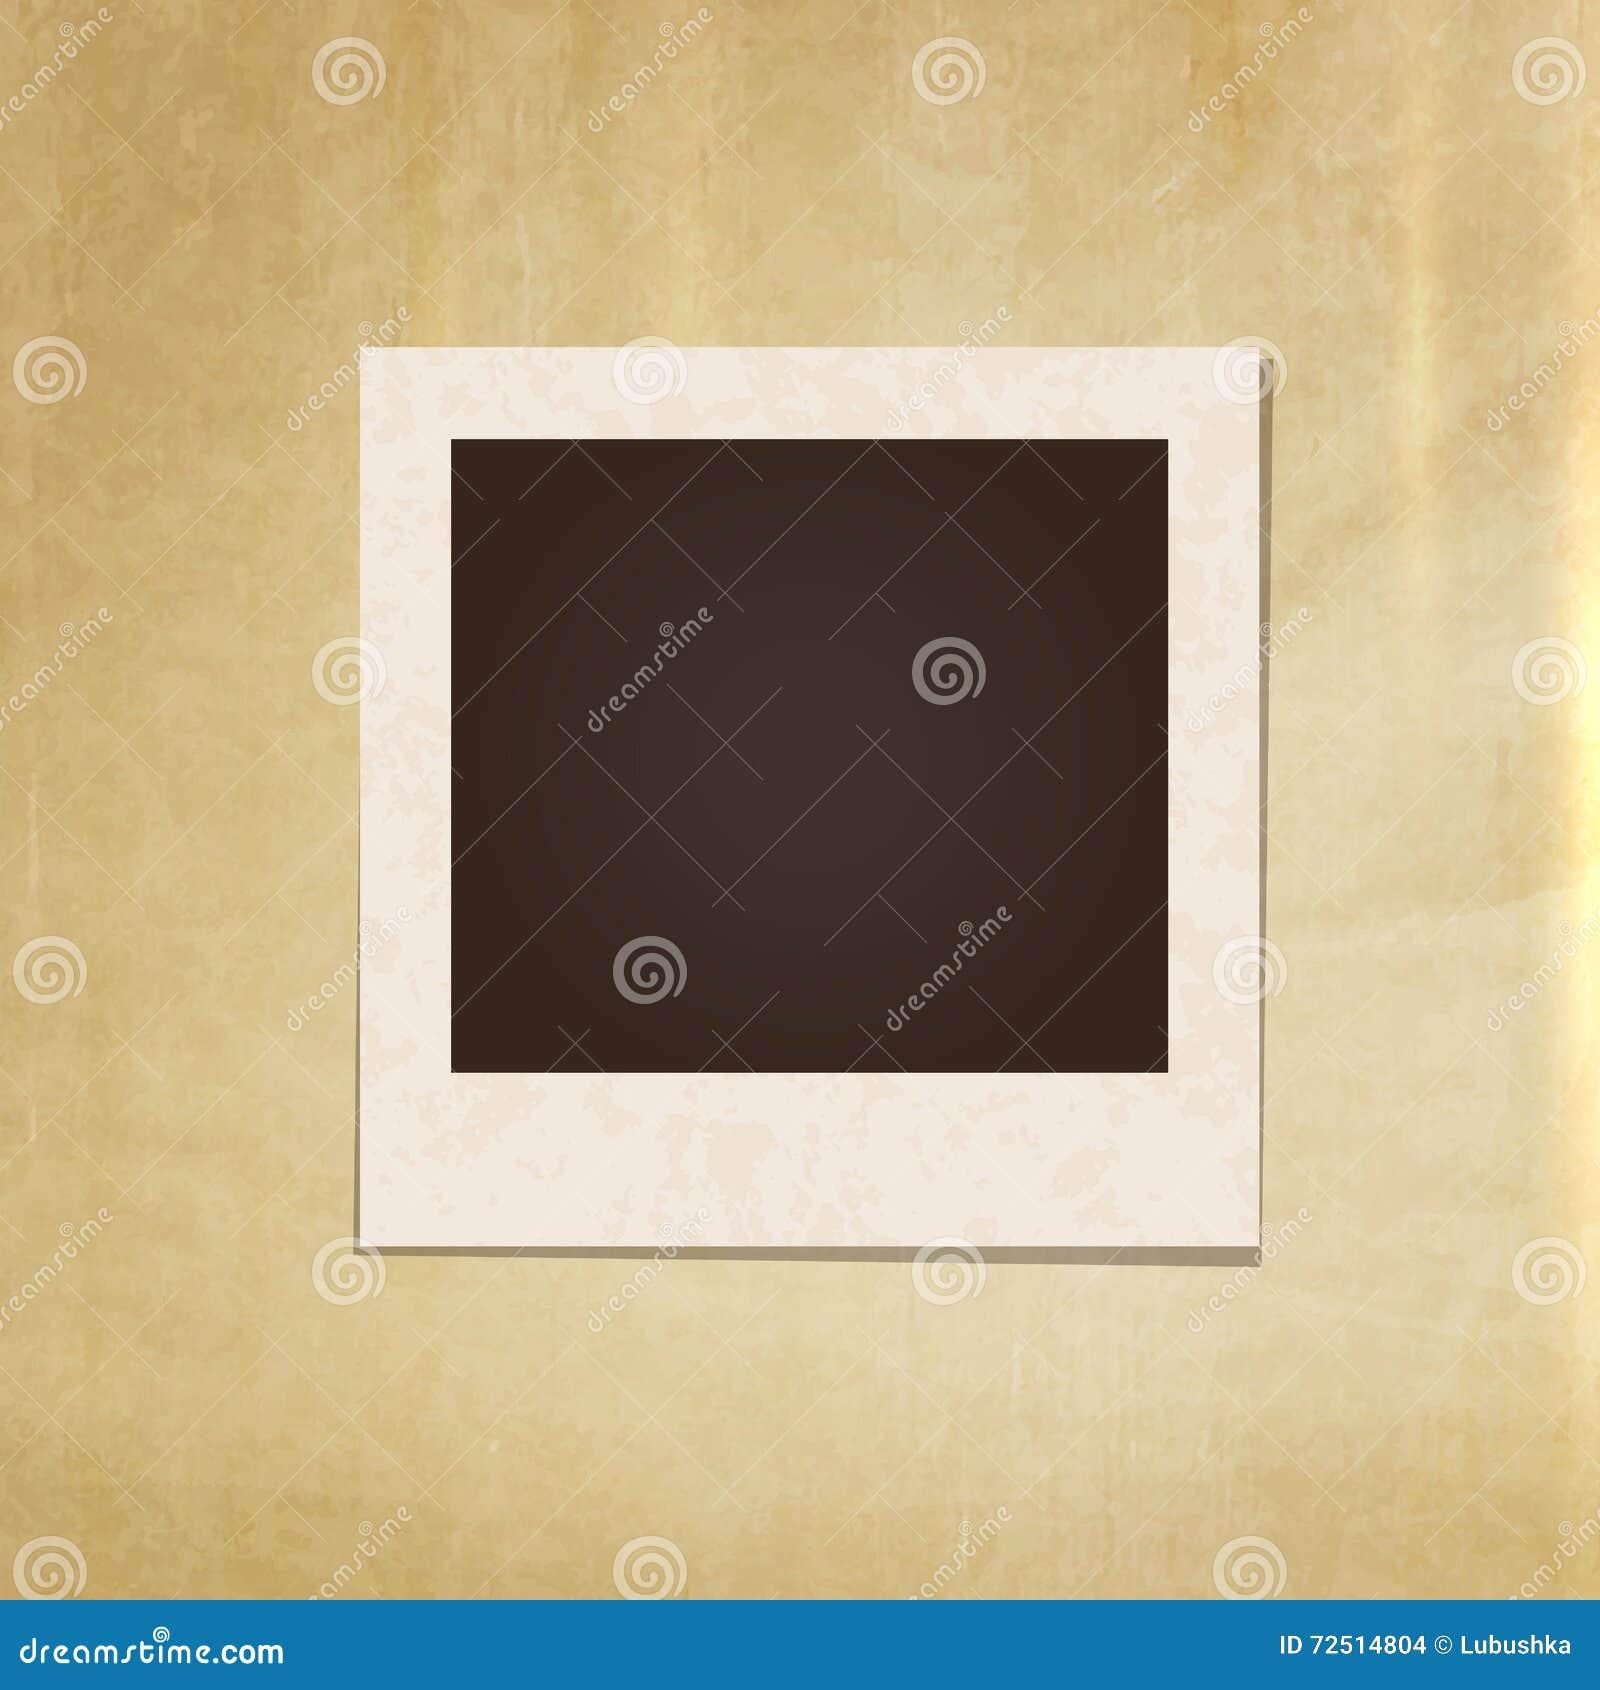 vintage photo frame stock vector image 72514804. Black Bedroom Furniture Sets. Home Design Ideas